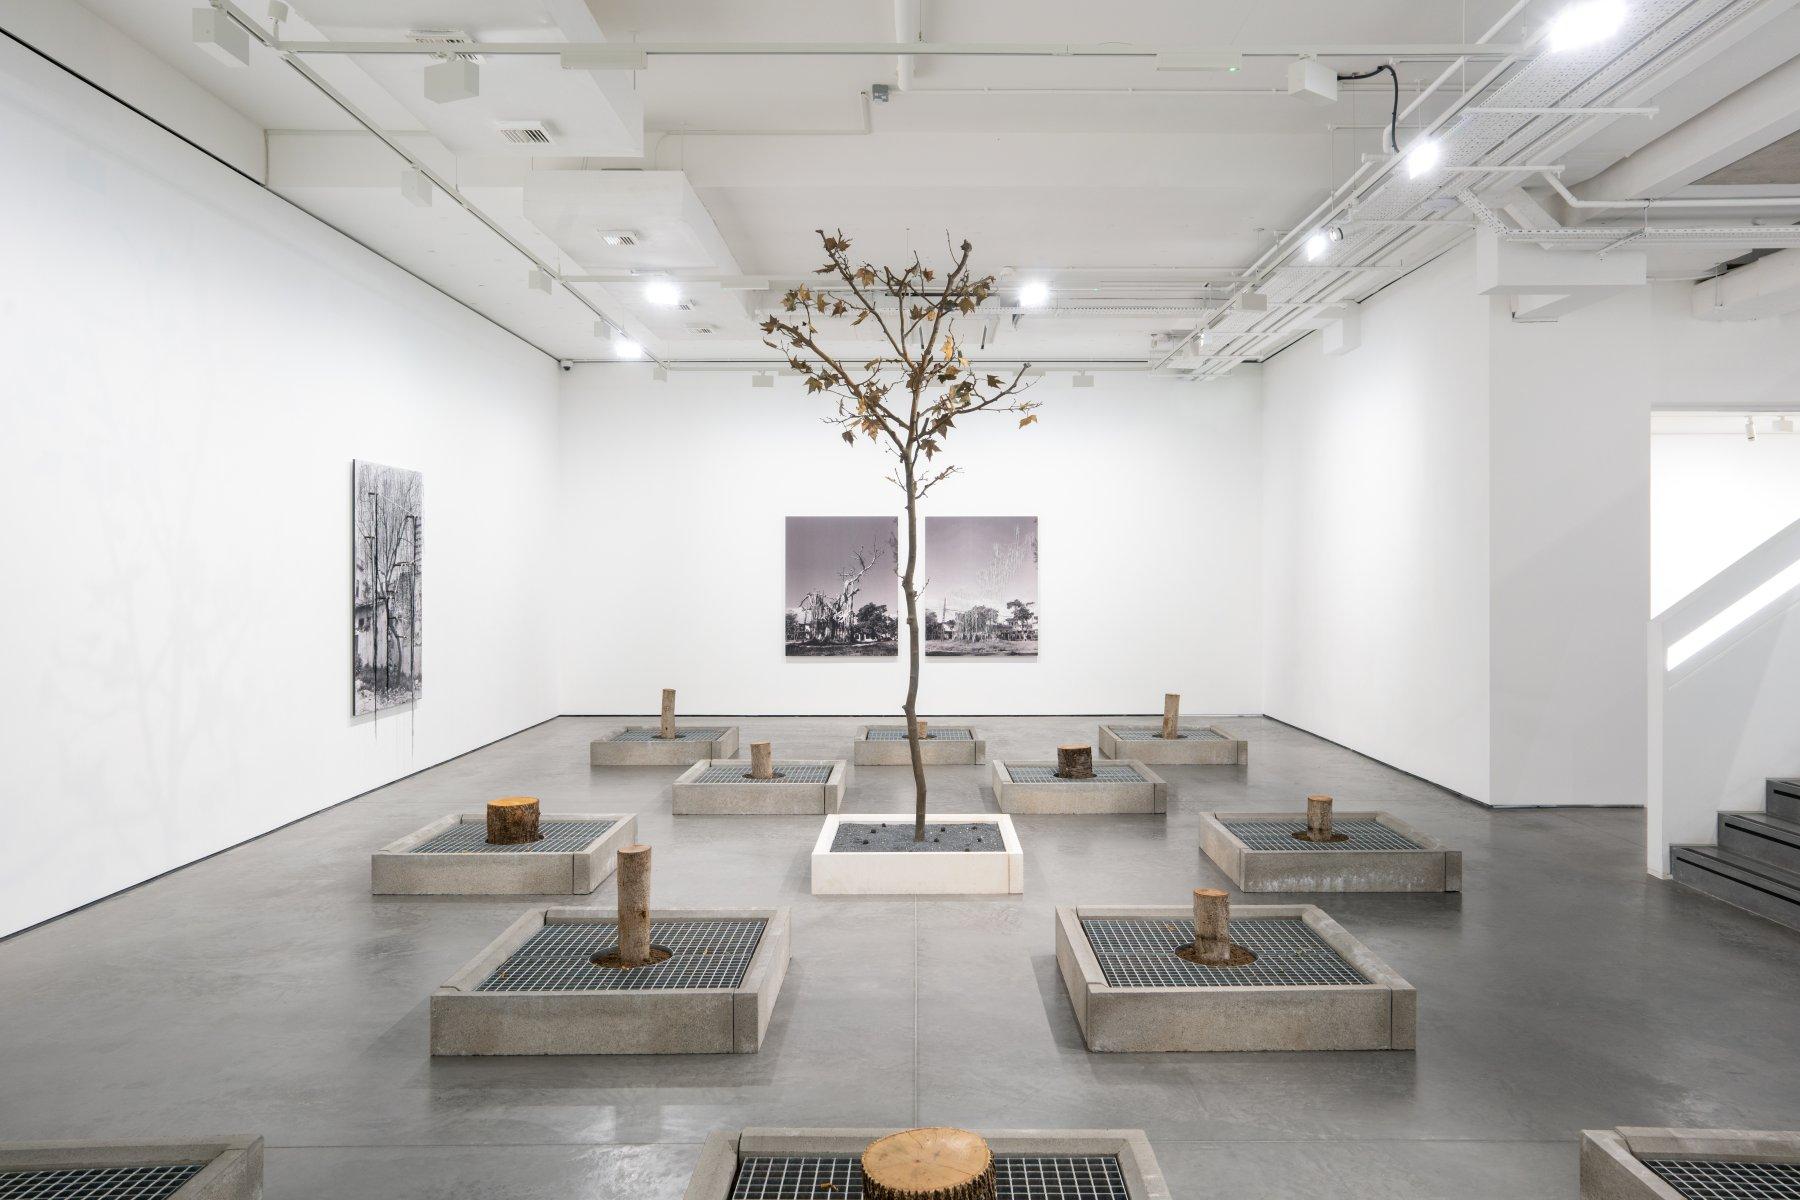 Goodman Gallery Carlos Garaicoa 1